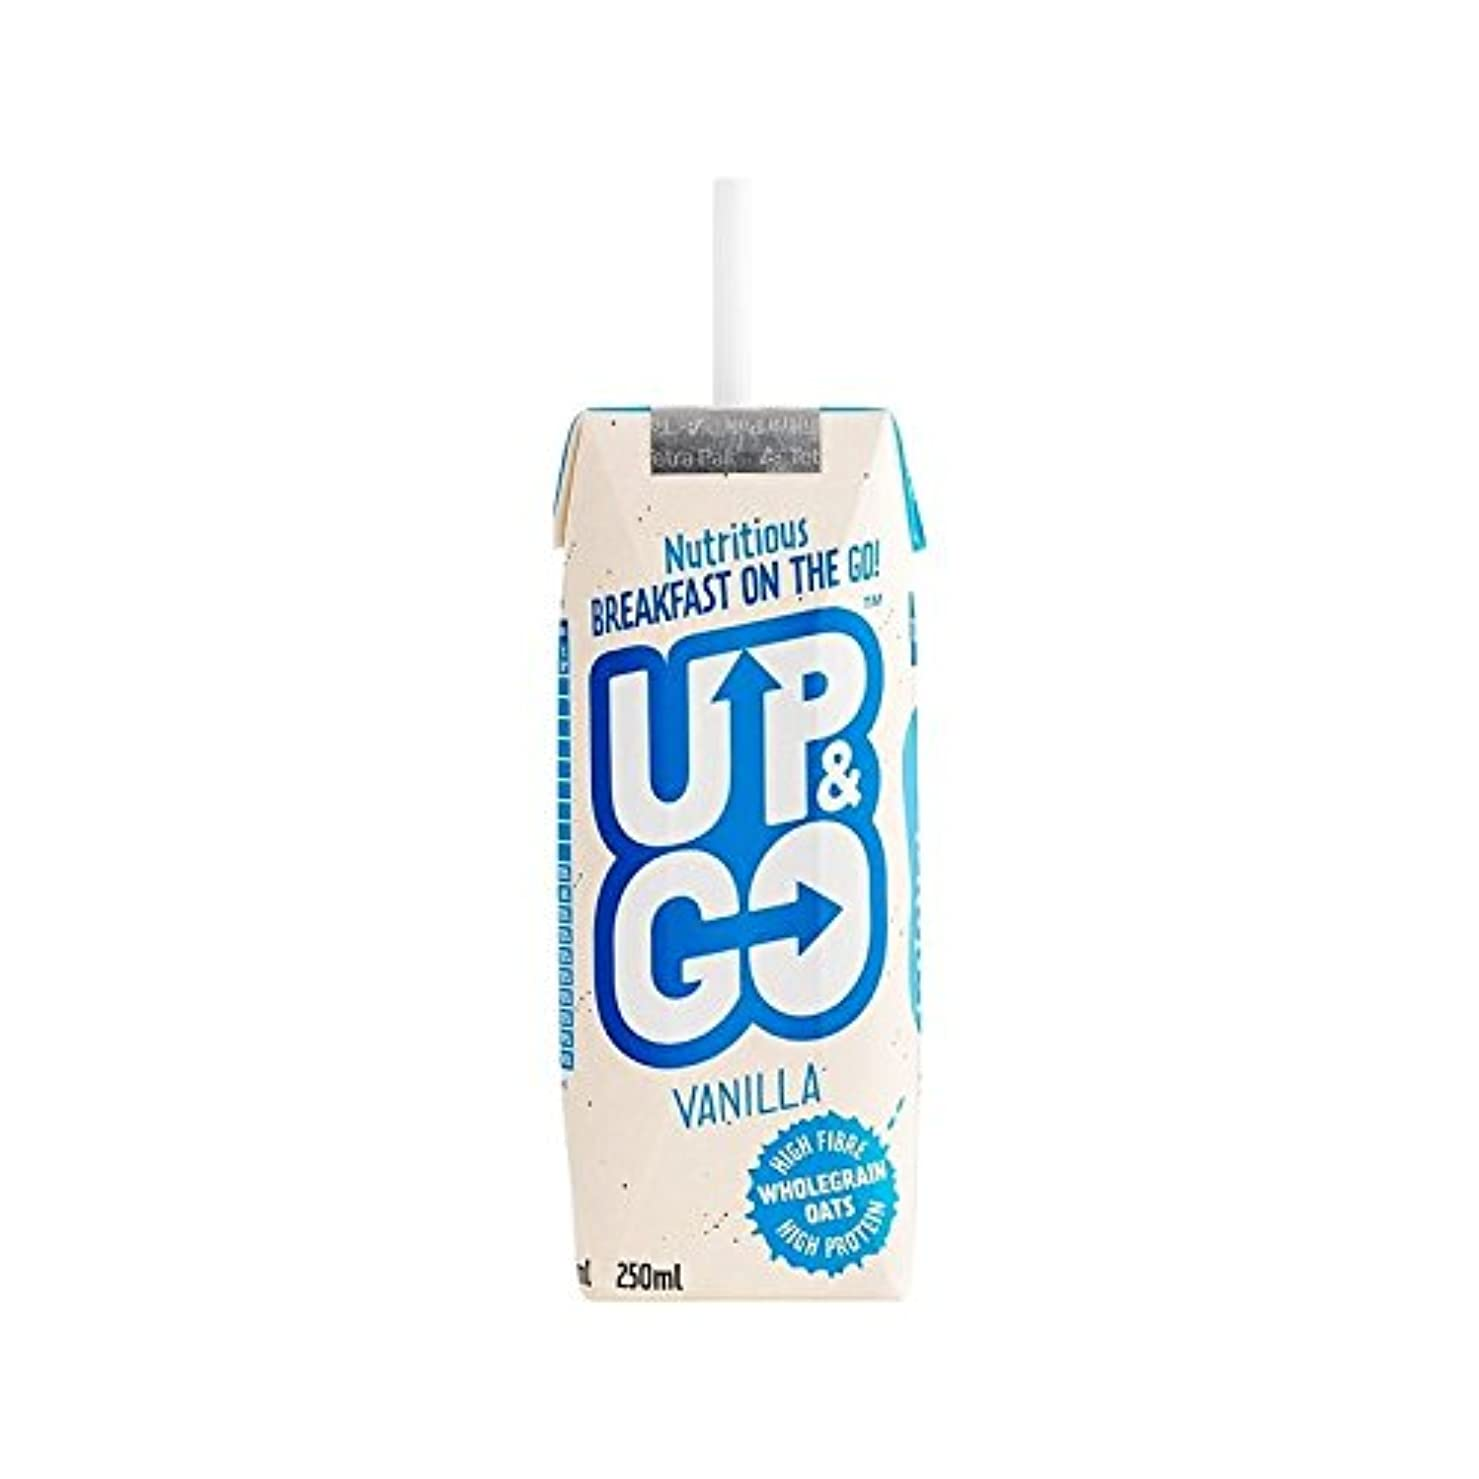 切り刻む吐き出すプラスチックオート麦の250ミリリットルとバニラ朝食ドリンク (Up&Go) (x 6) - Up&Go Vanilla Breakfast Drink with Oats 250ml (Pack of 6) [並行輸入品]